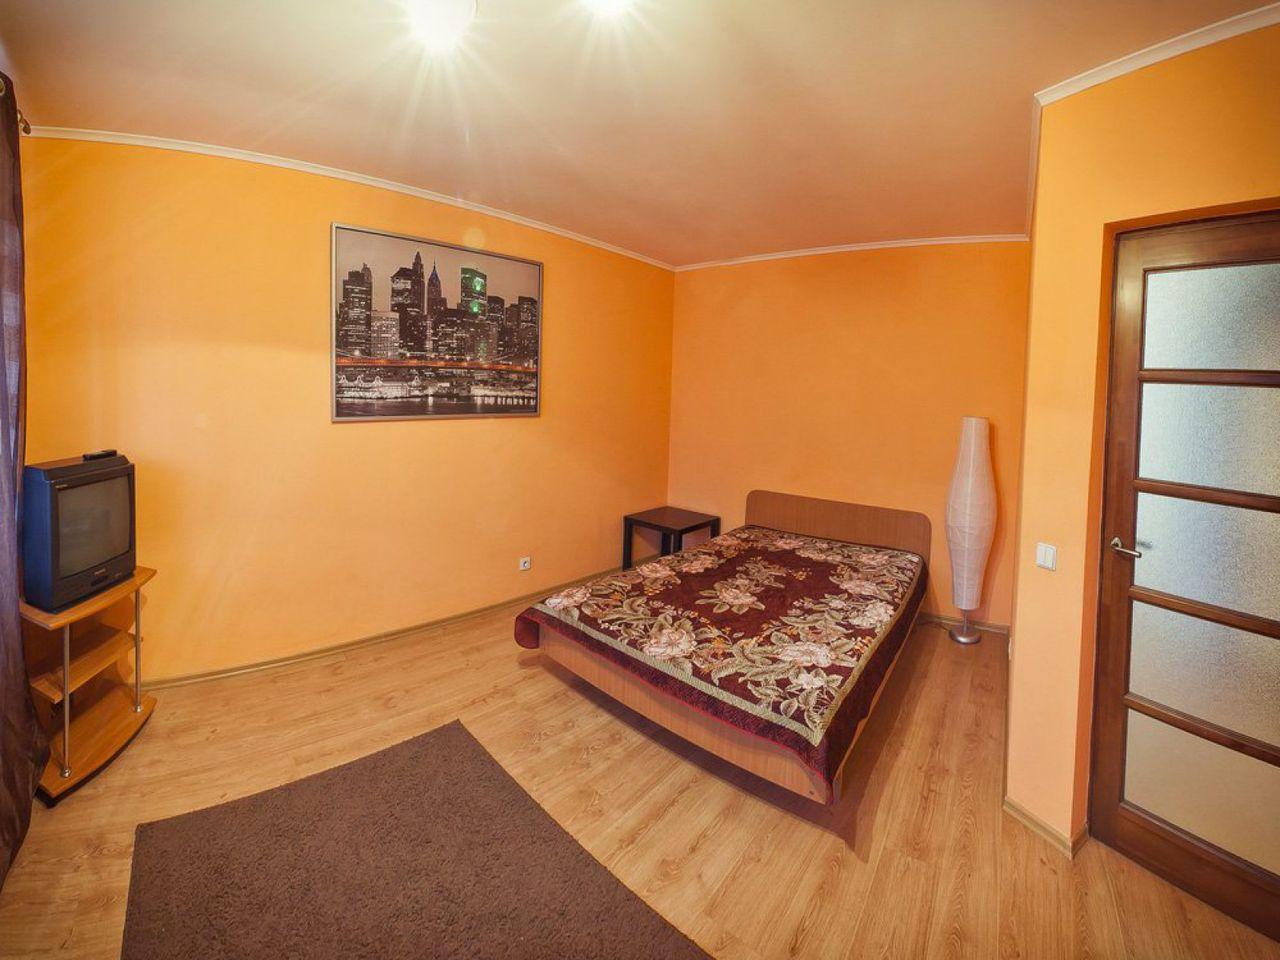 квартиры посуточно в оренбурге 23 мкр сегодняшнем отзыве хочу